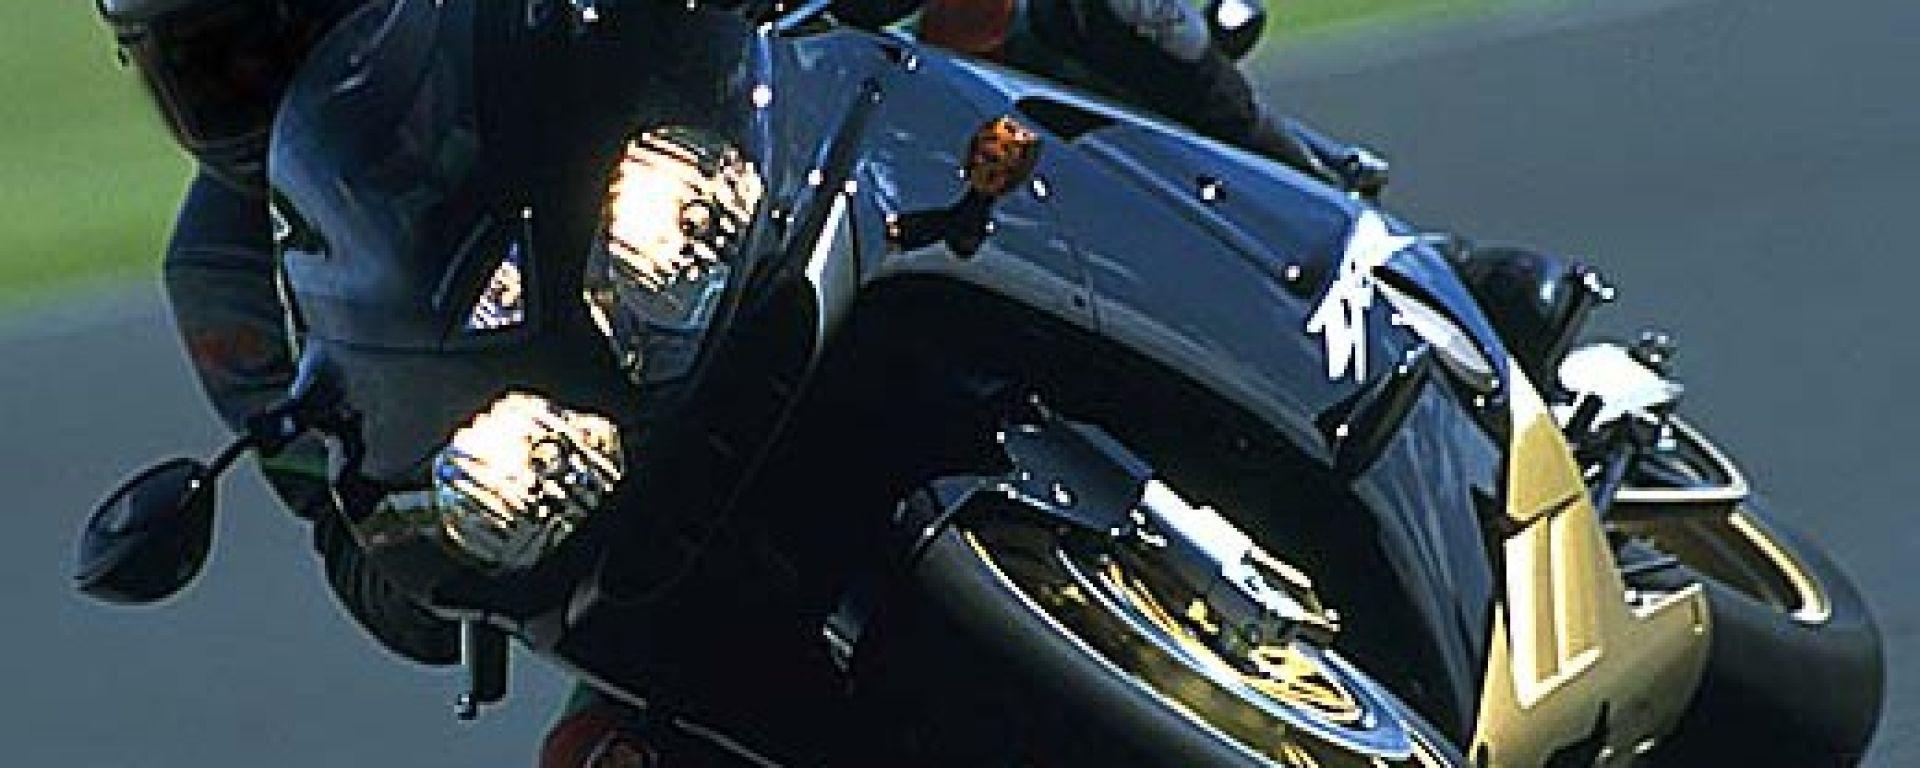 In pista con la Kawasaki ZX-12 R 2002